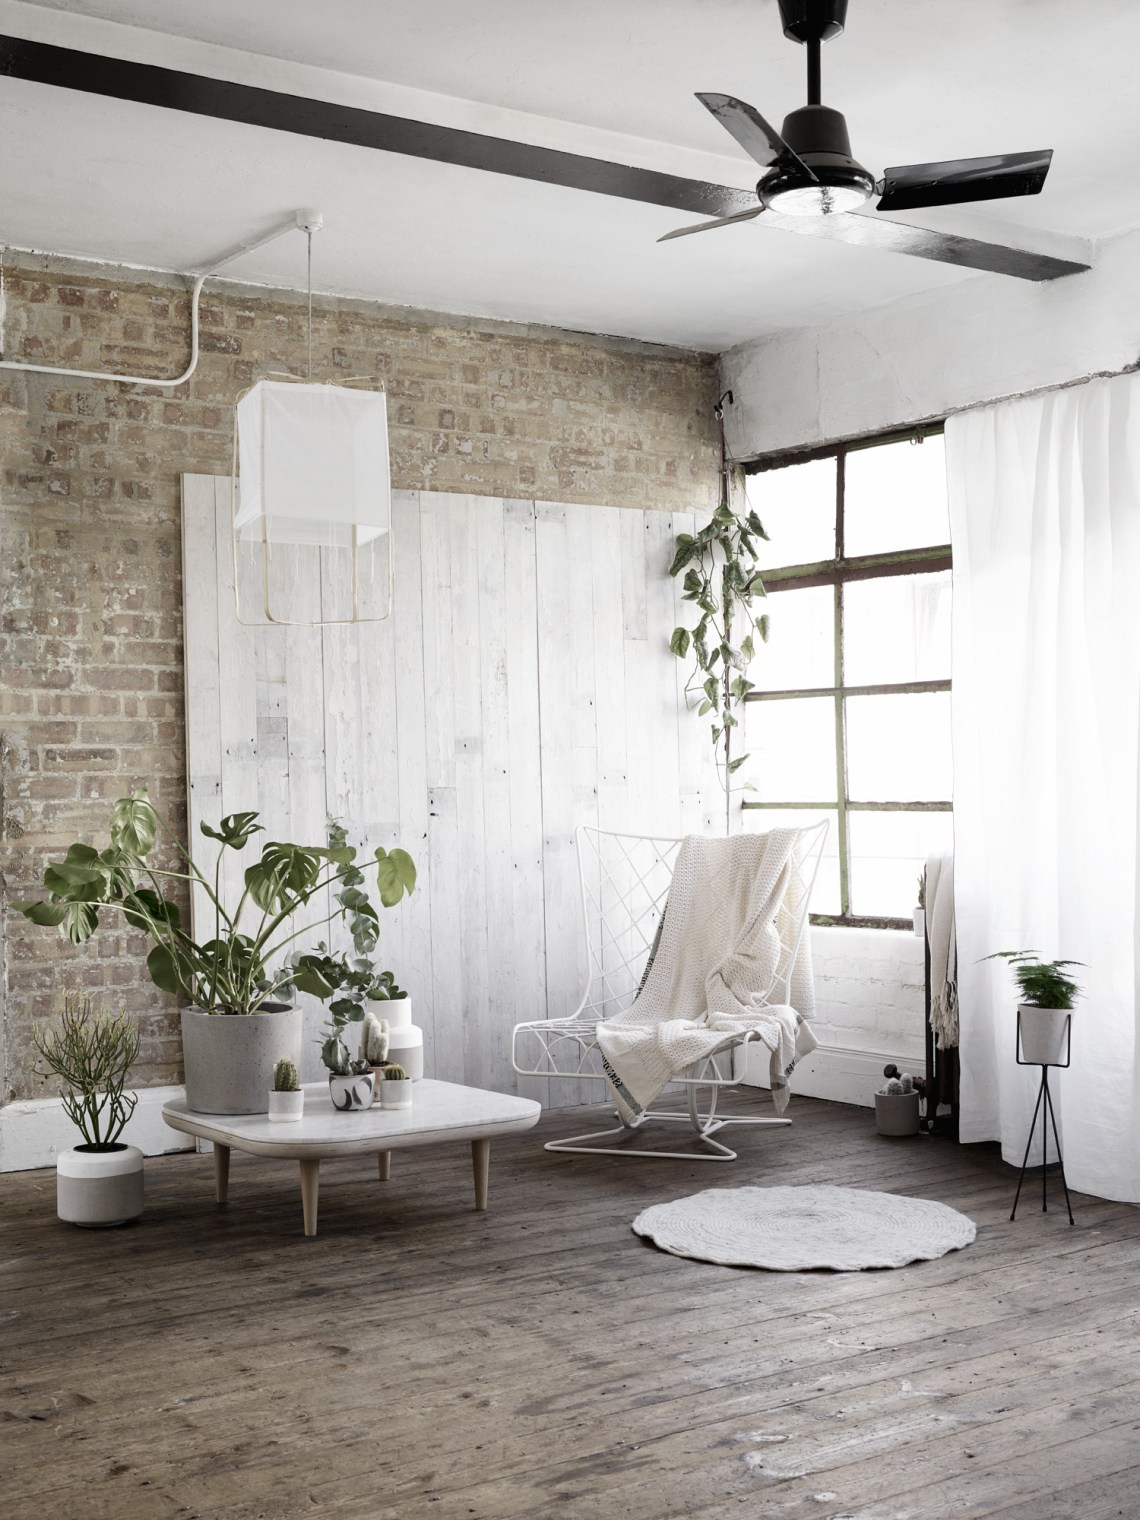 Lofty greens - via cocolapinedesign.com